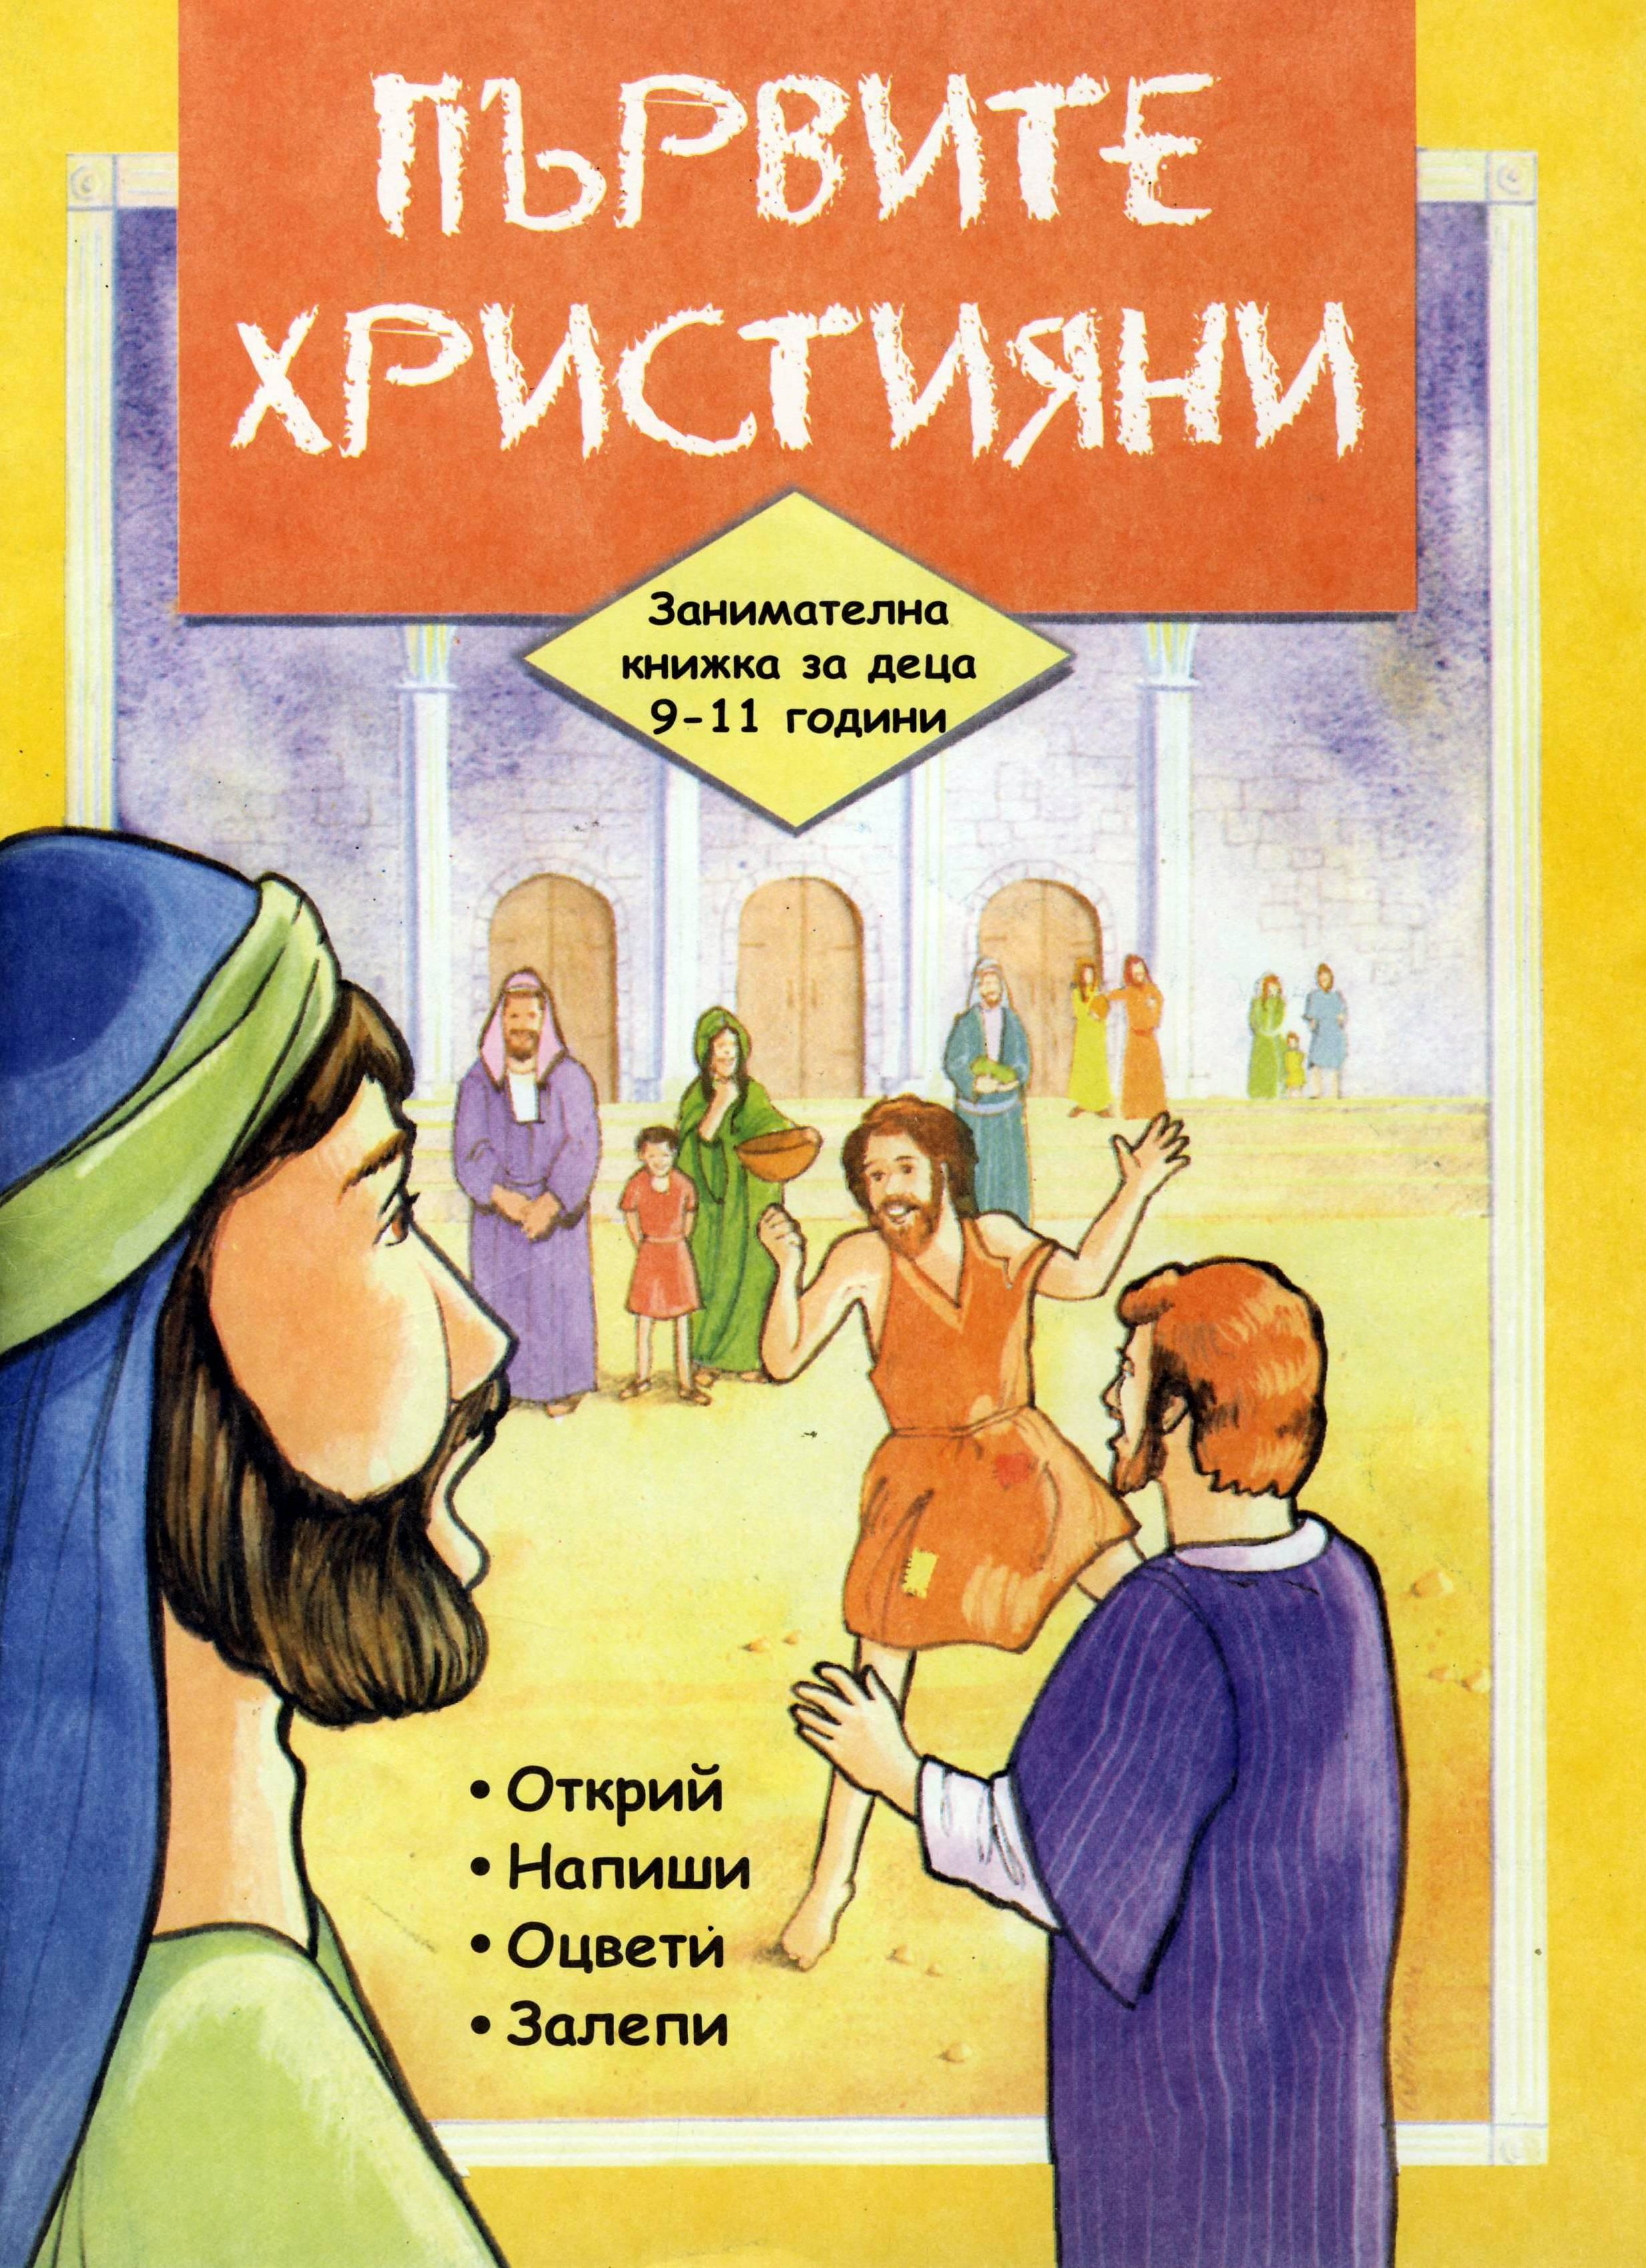 Първите християни